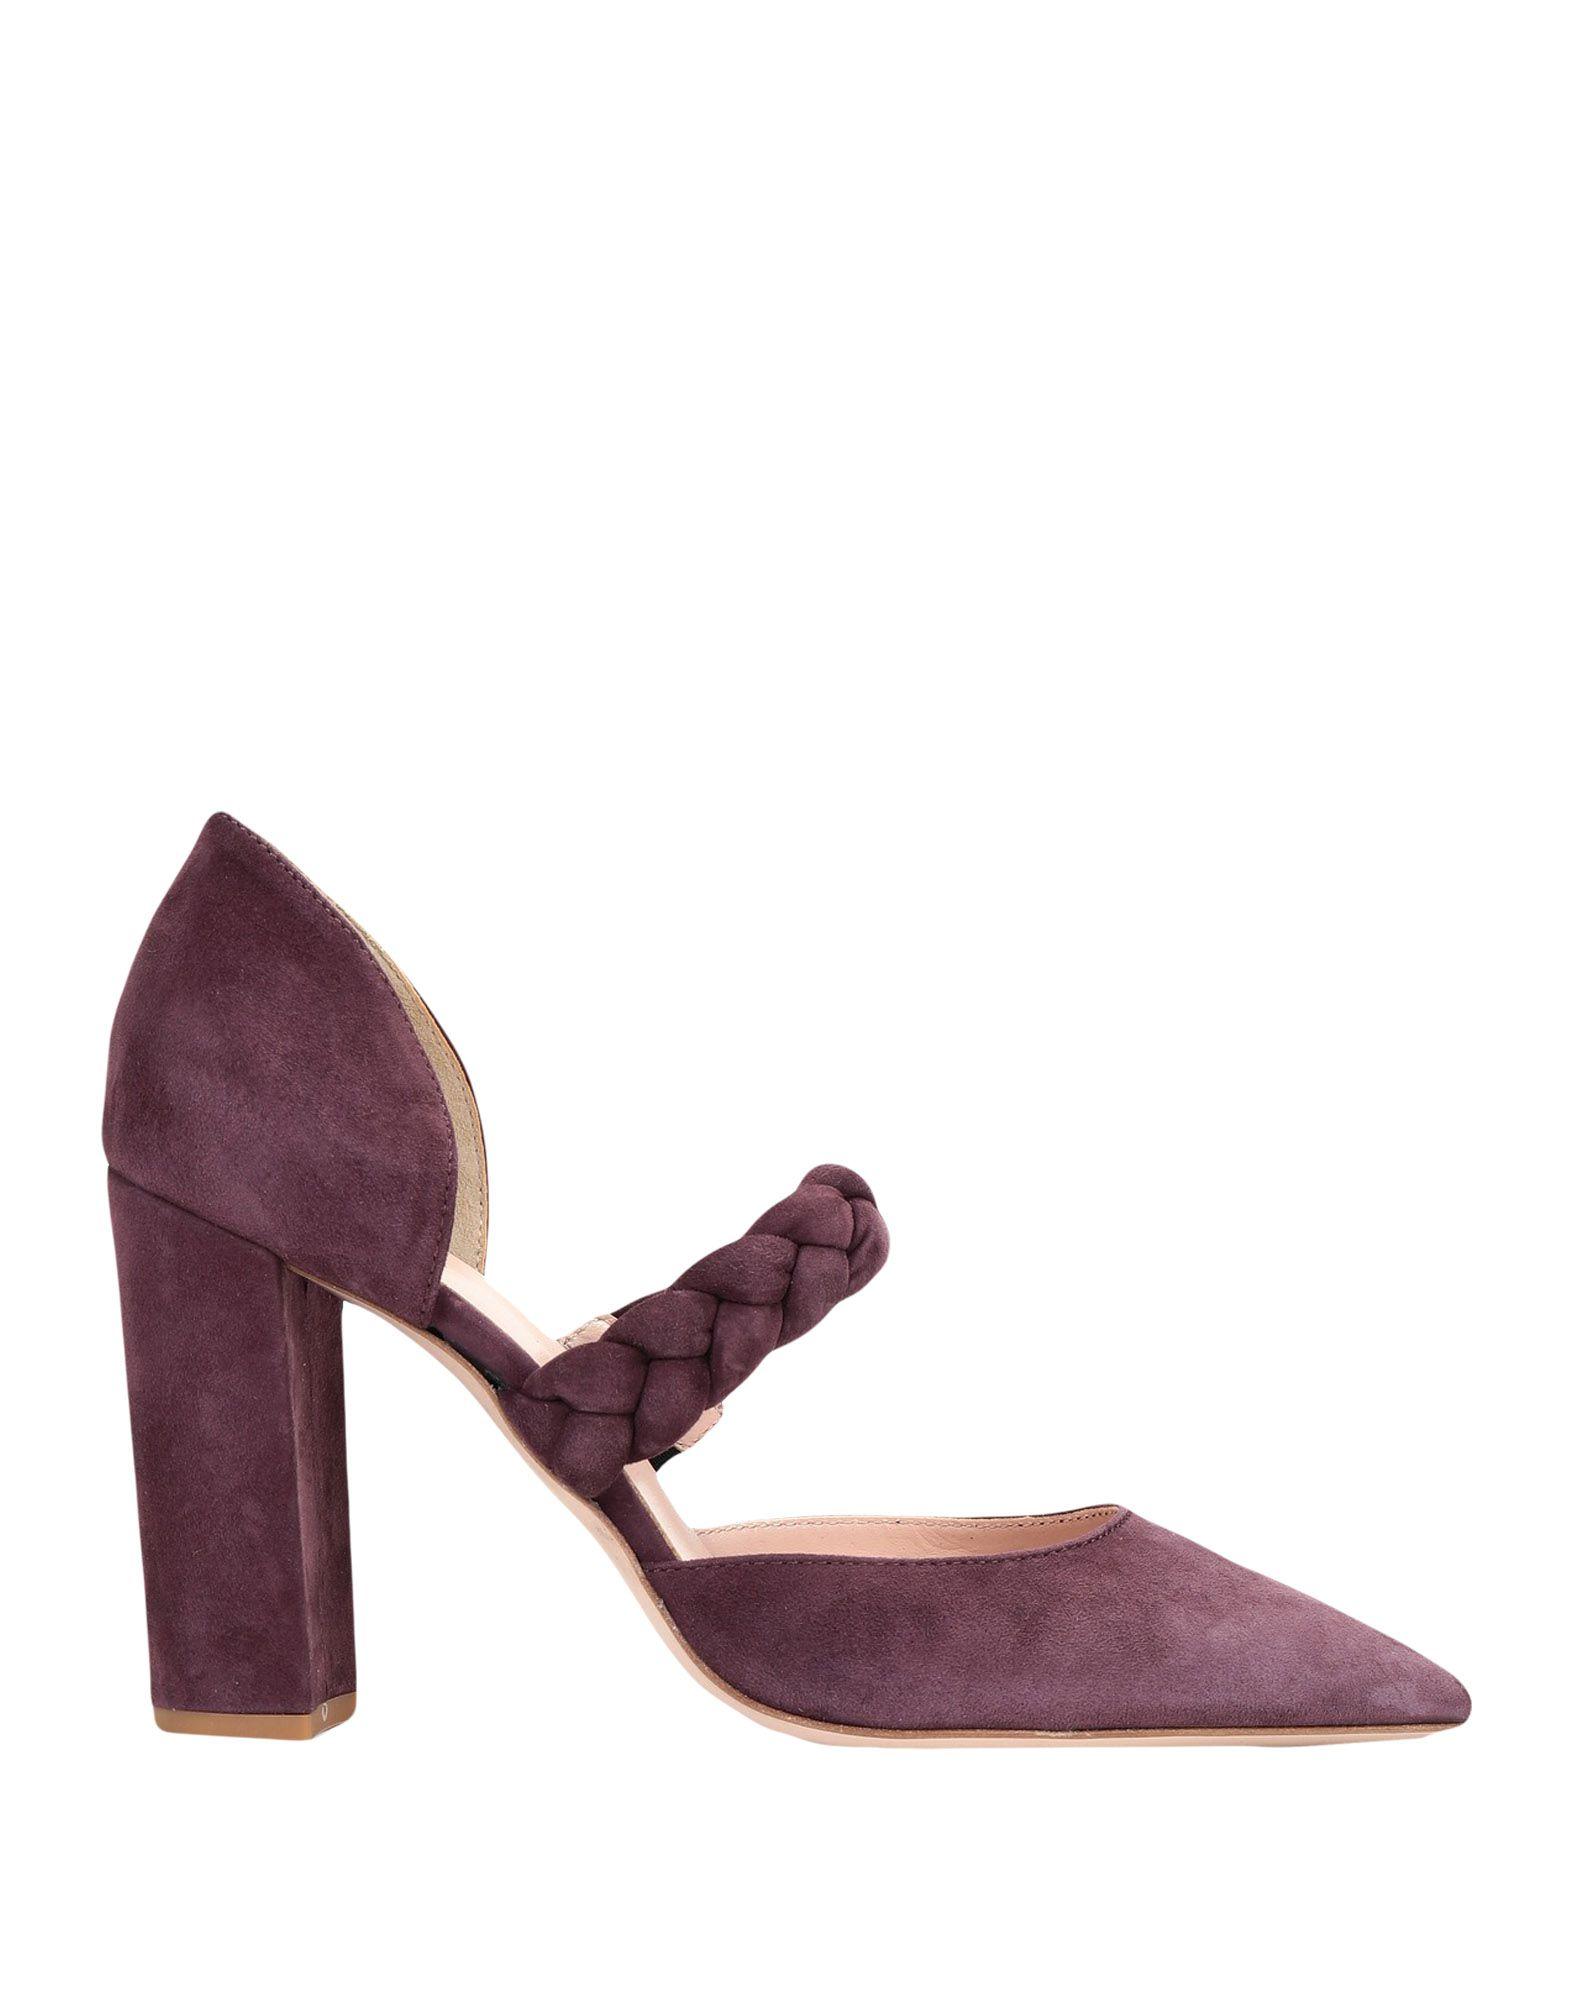 цены на 8 by YOOX Туфли в интернет-магазинах